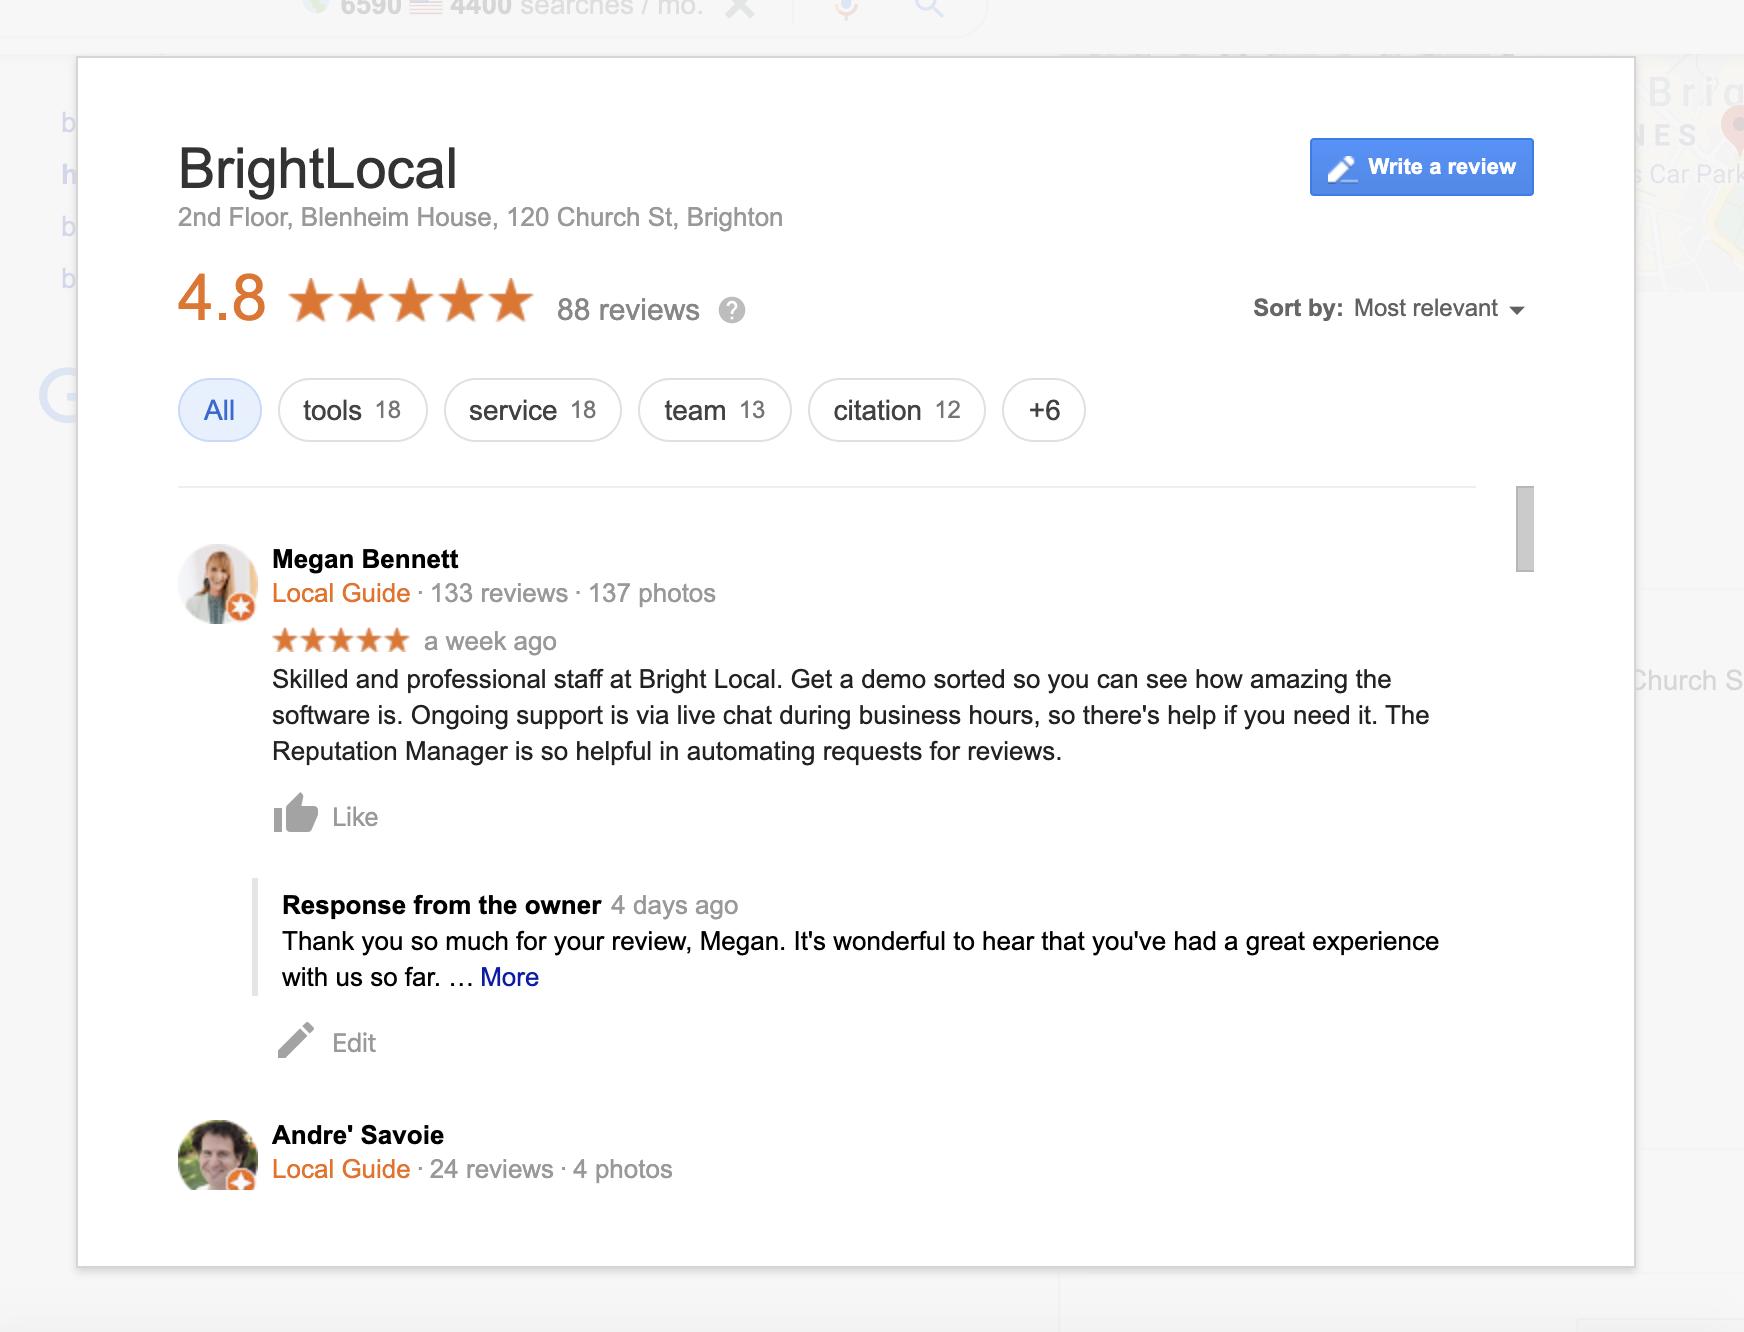 BrightLocal Reviews